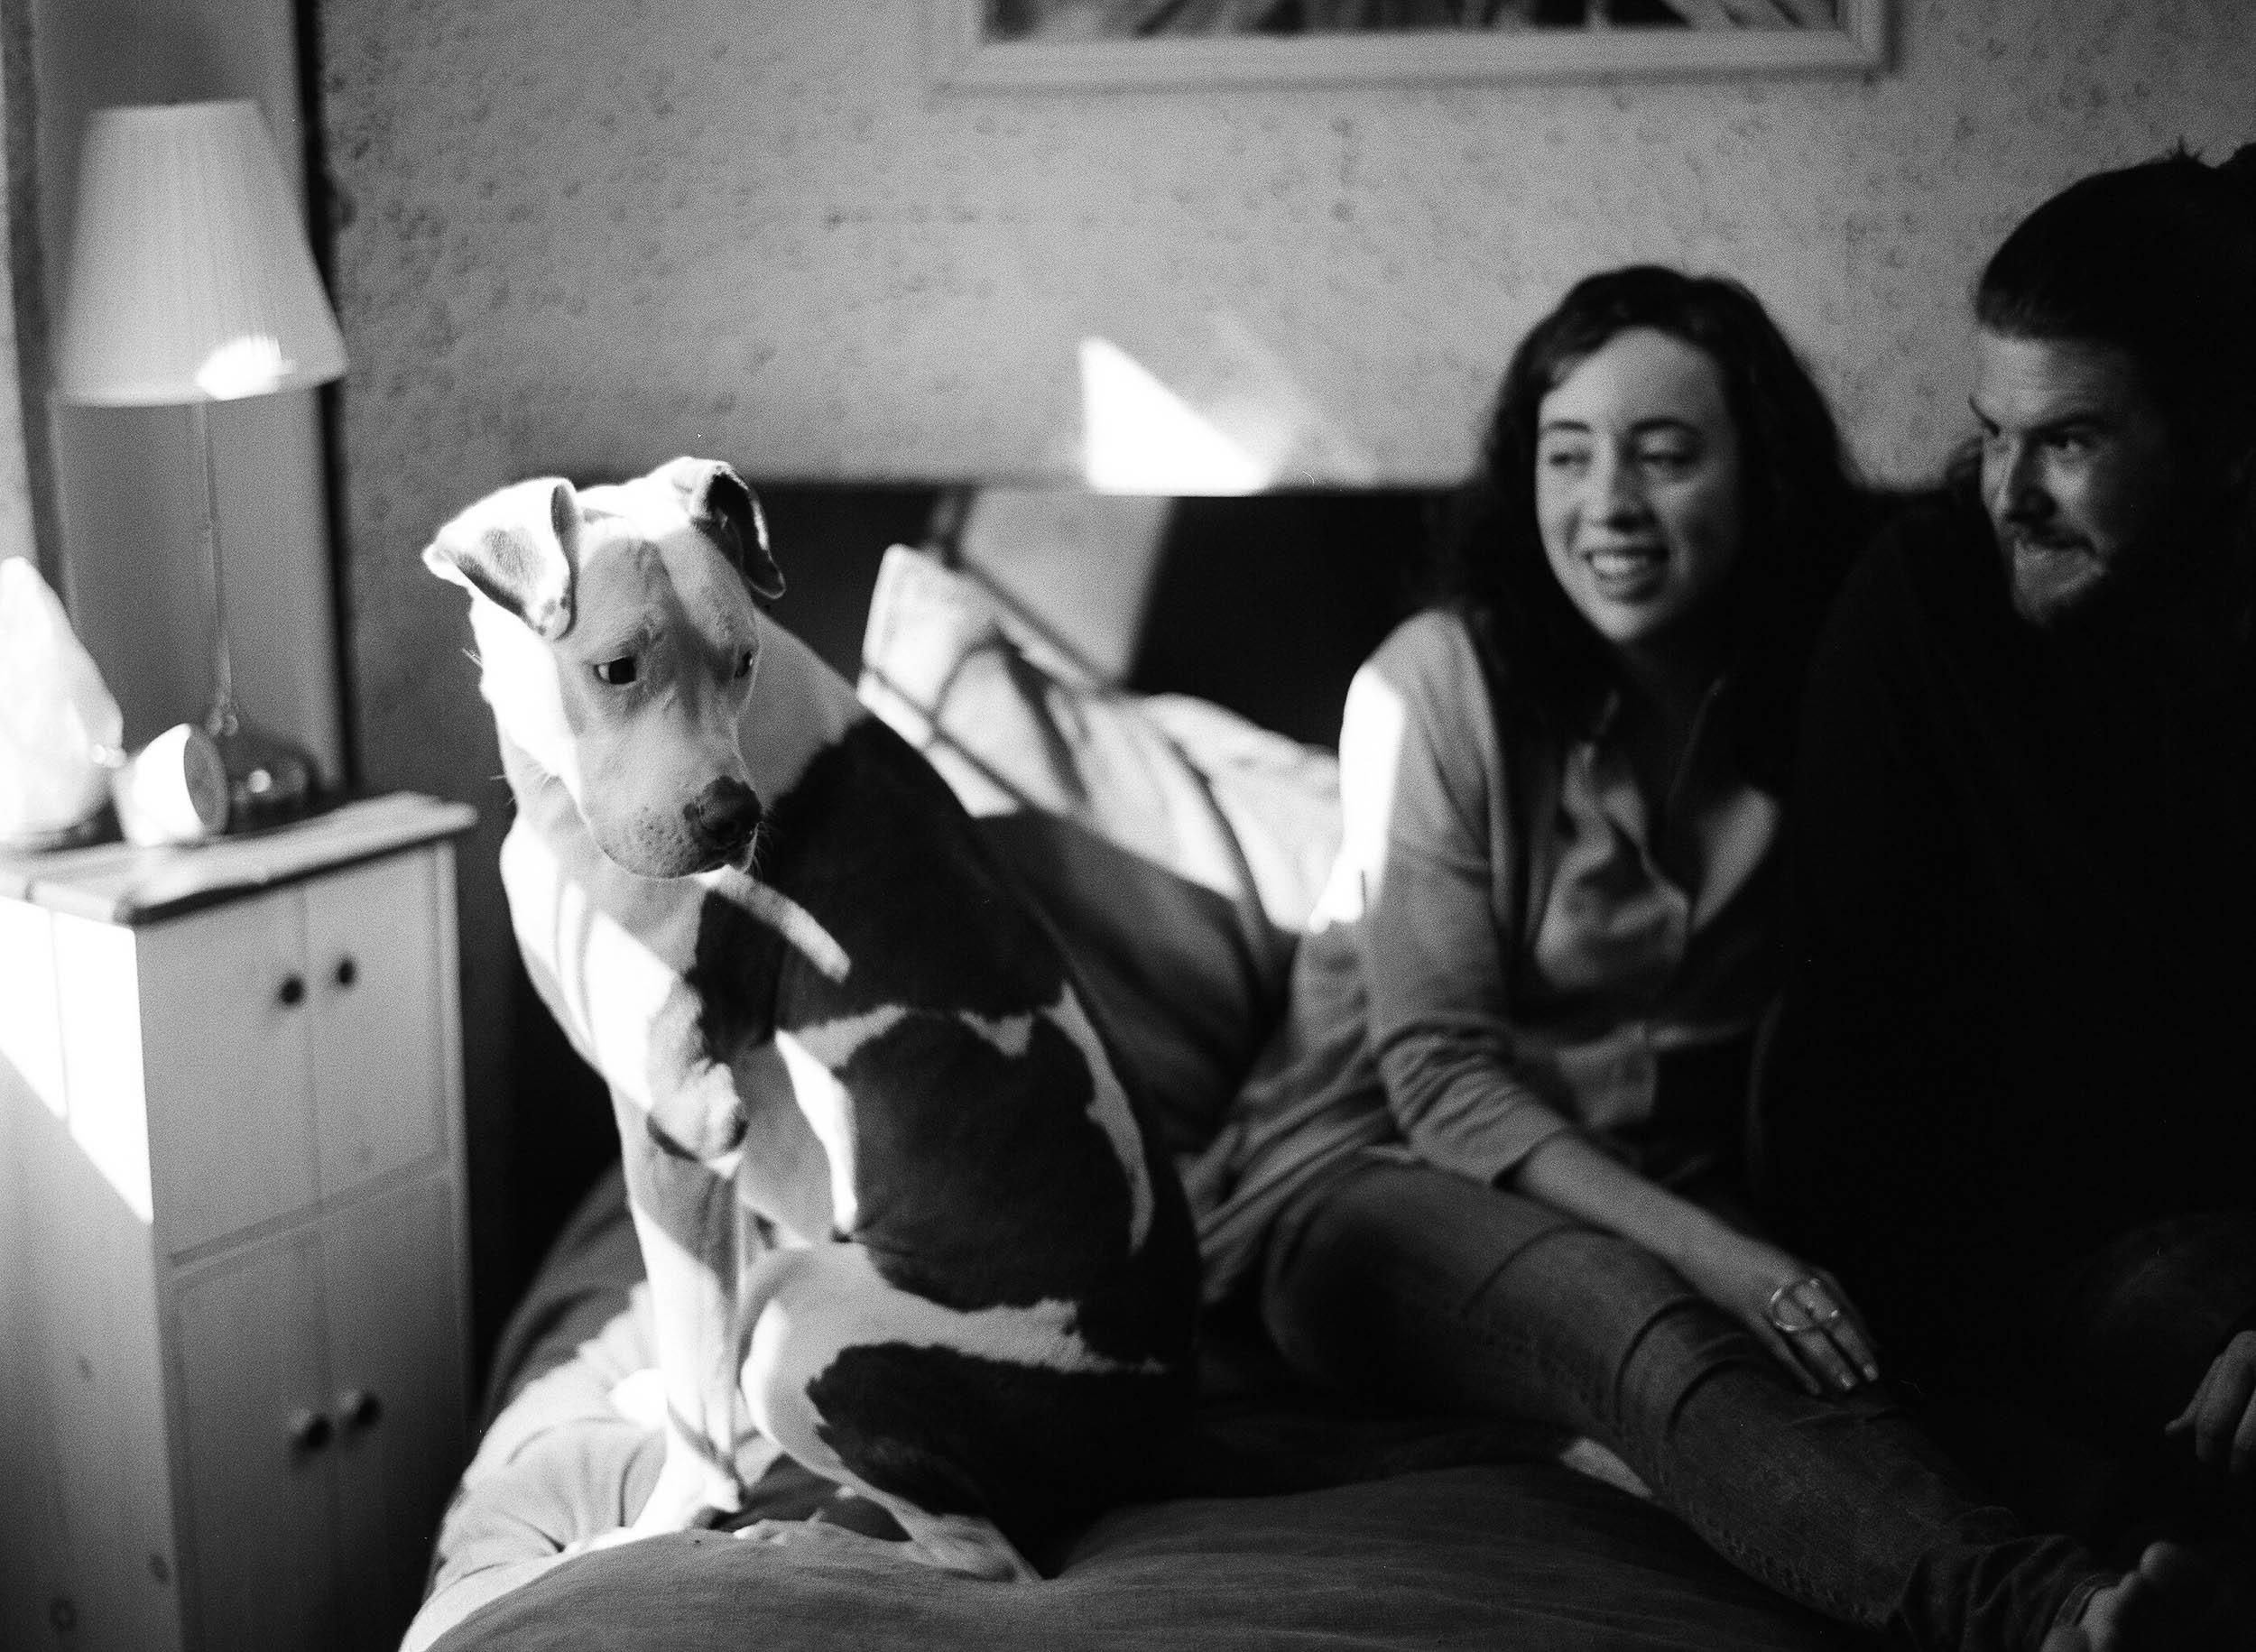 Kristen-Humbert-Family-Photoshoot-Philadelphia_Ruby-James-W-2-56.jpg